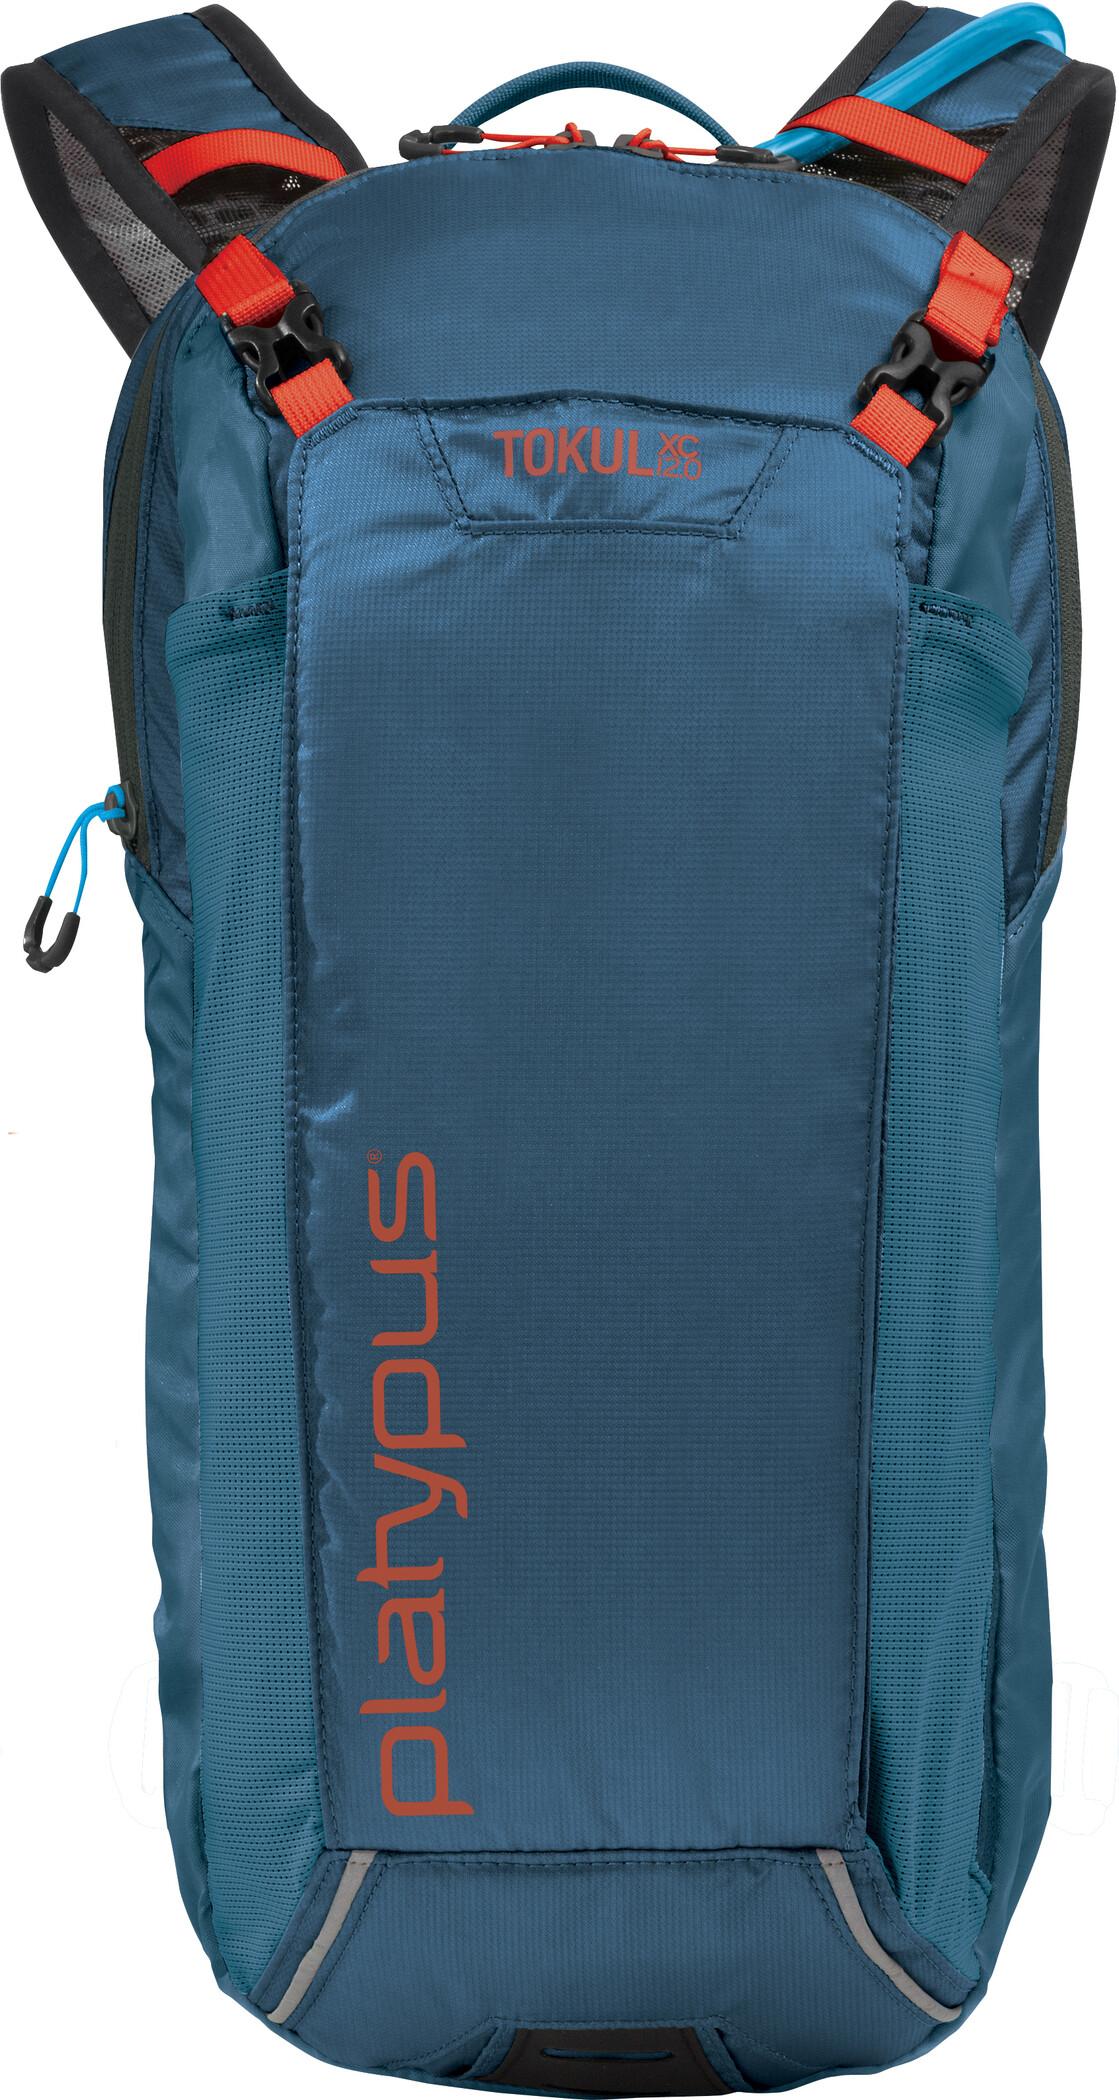 Platypus Tokul 12 Pack, coastal blue (2019)   item_misc